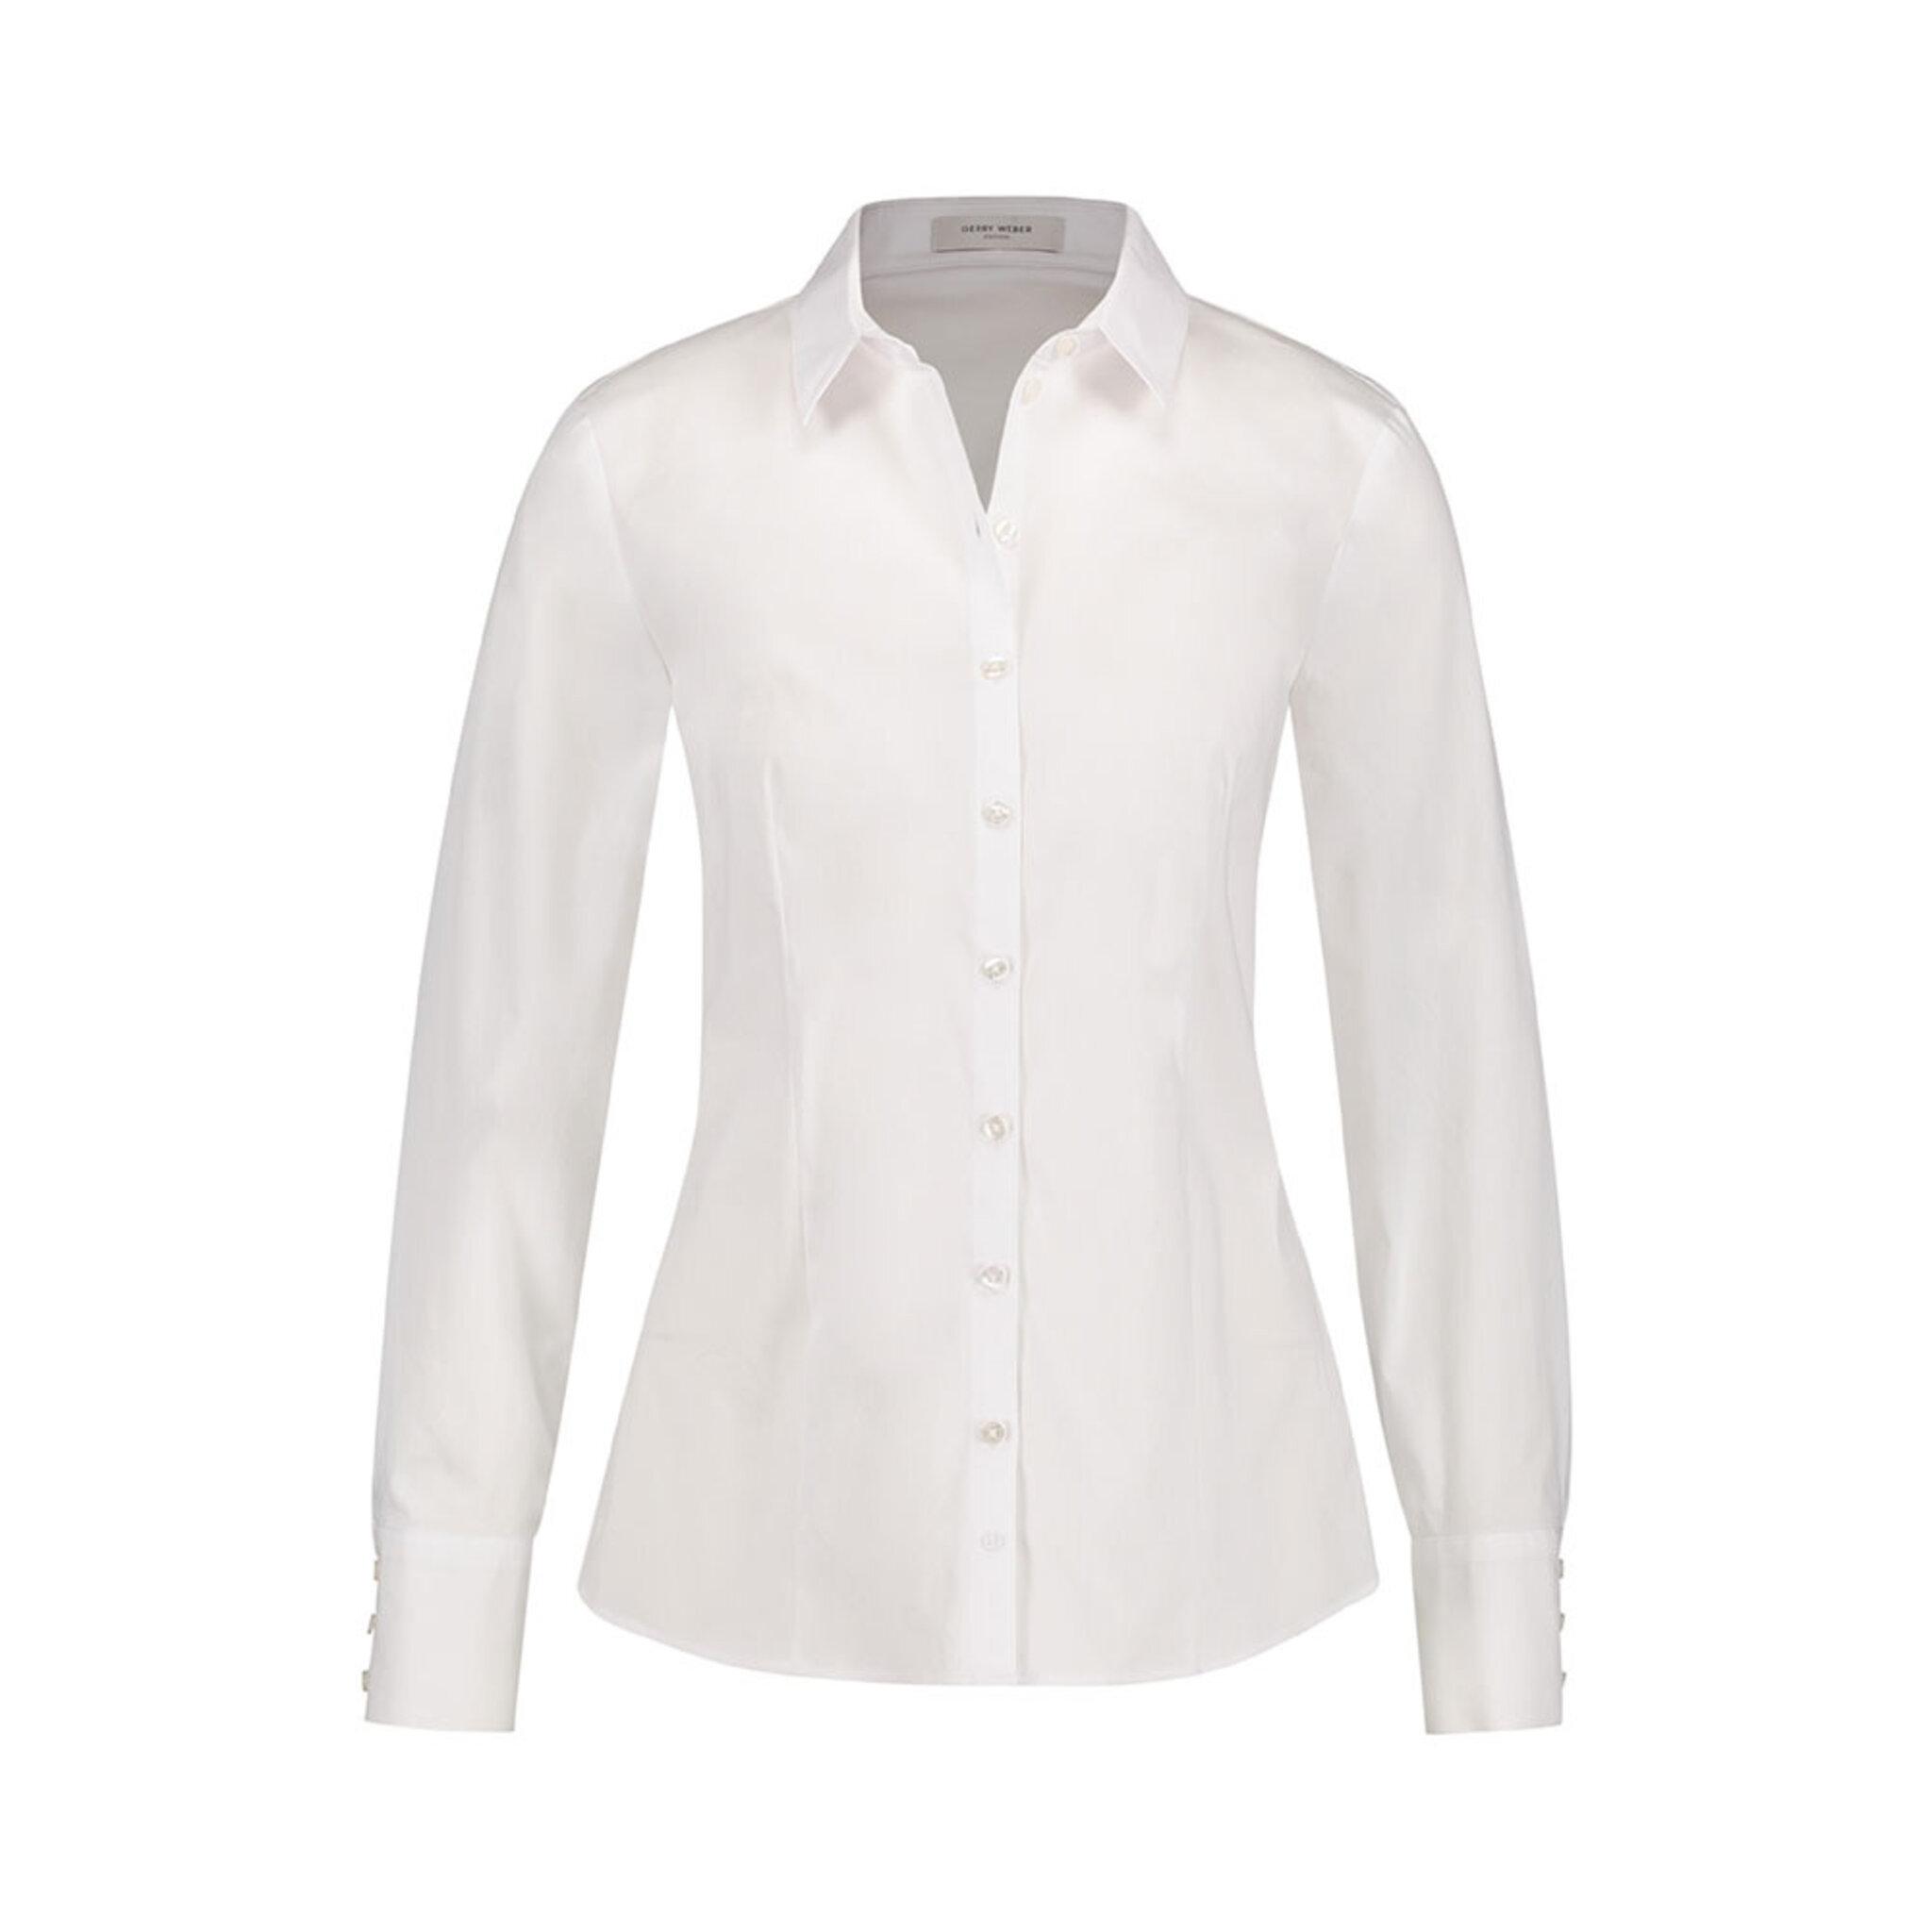 Skjorta Enfärgad - Blusar   skjortor - Köp online på åhlens.se! f273bfb85c90d